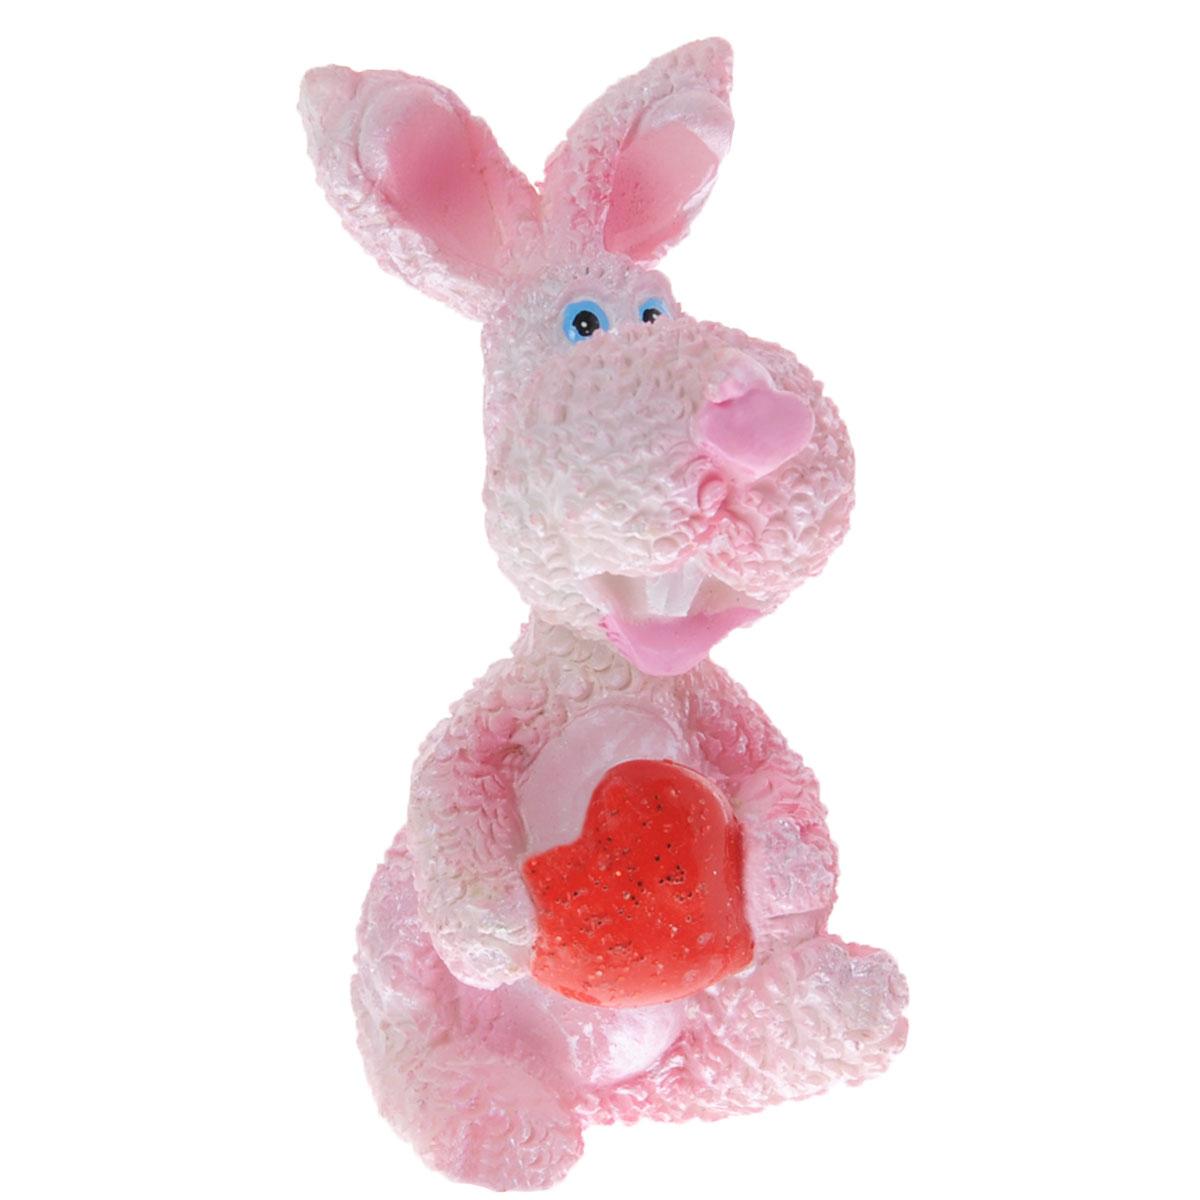 Декоративная статуэтка Lunten Ranta Розовый кролик с сердцем, цвет: розовый, красный, высота 6 см57900Очаровательная статуэтка Lunten Ranta Розовый кролик с сердцем станет оригинальным подарком для всех любителей стильных вещей. Она выполнена из полирезины, в виде розового кролика с сердечком. Изысканный сувенир станет прекрасным дополнением к интерьеру. Вы можете поставить статуэтку в любом месте, где она будет удачно смотреться, и радовать глаз. Размер статуэтки: 3,6 см х 2,6 см х 6 см.